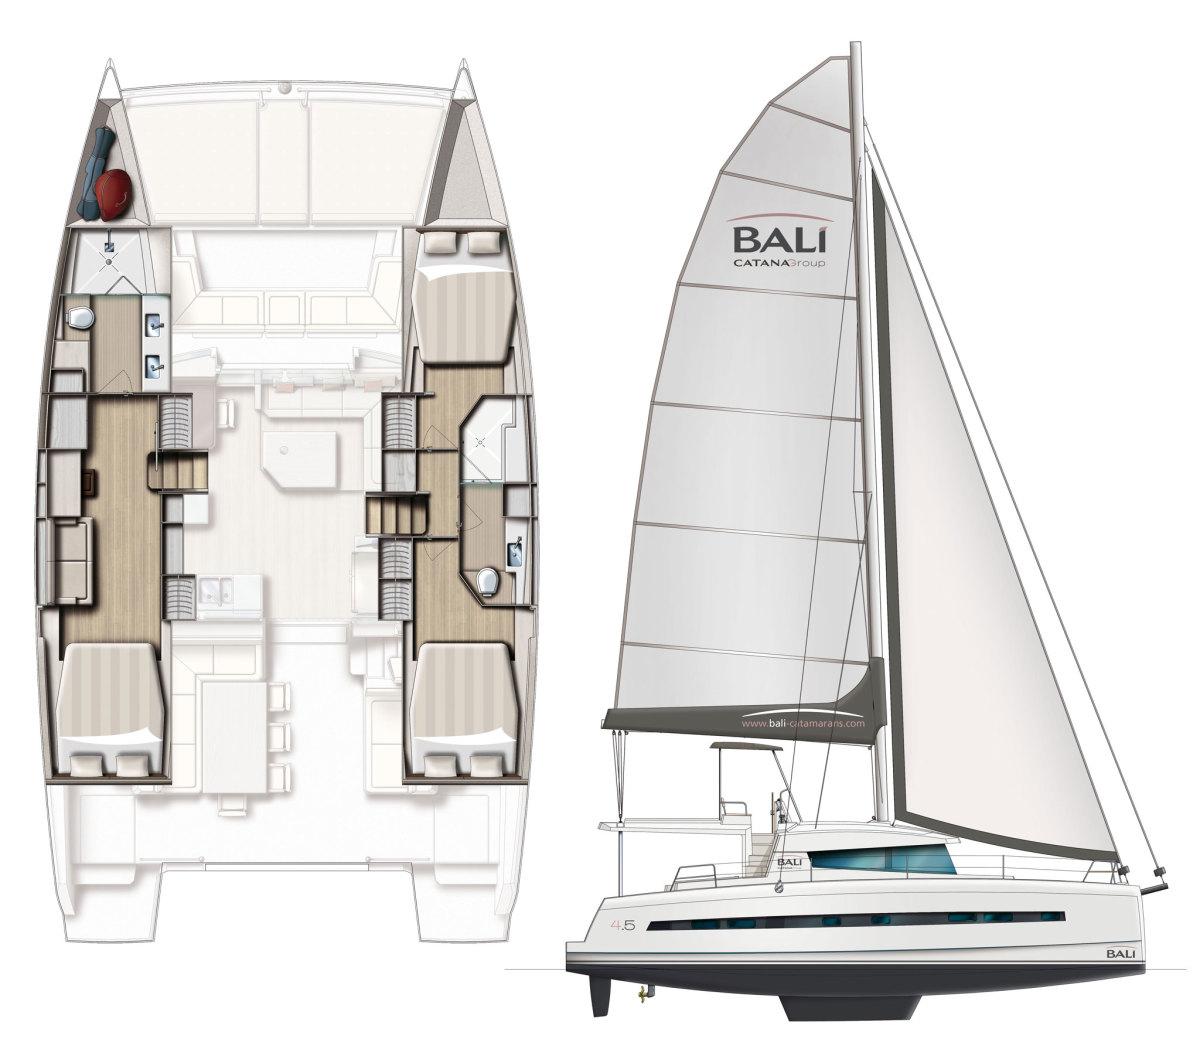 BALI-45